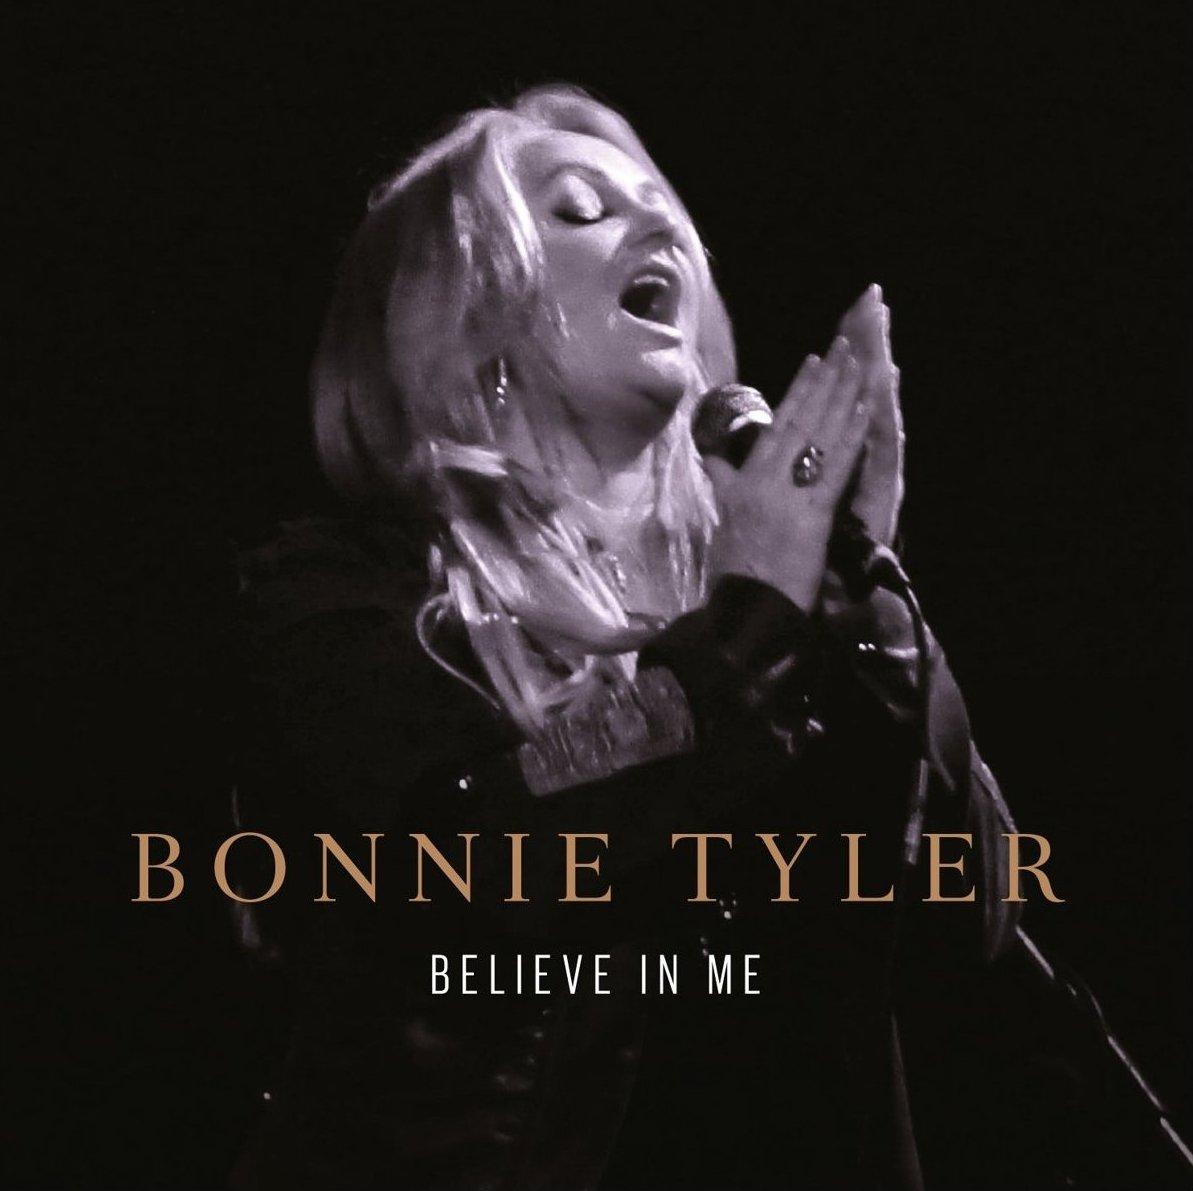 http://4.bp.blogspot.com/--eoCI2X8YWU/UTxcljriljI/AAAAAAAAHAc/ZeTWq0BrOTE/s1600/Bonnie+Tyler+Believe+In+Me.jpg